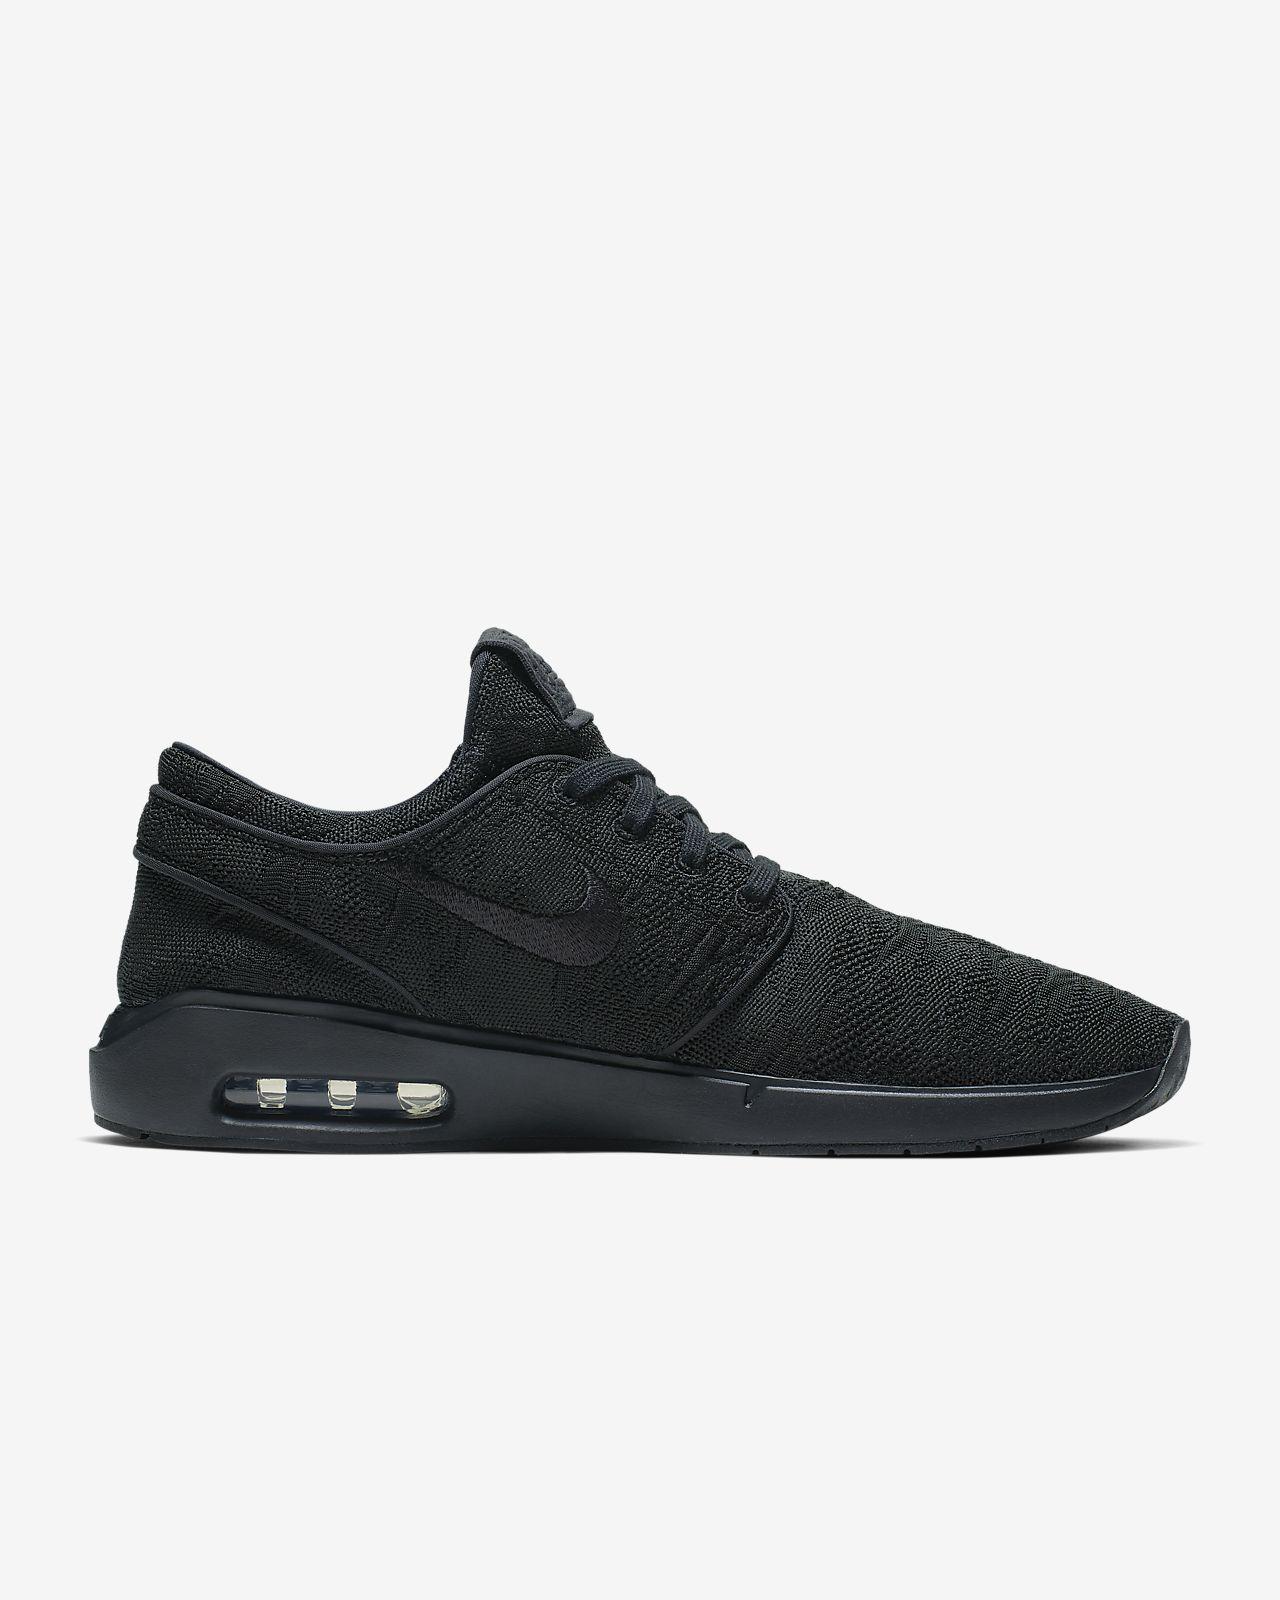 Nike | Stefan Janoski Max SB Skate Shoe | Nordstrom Rack